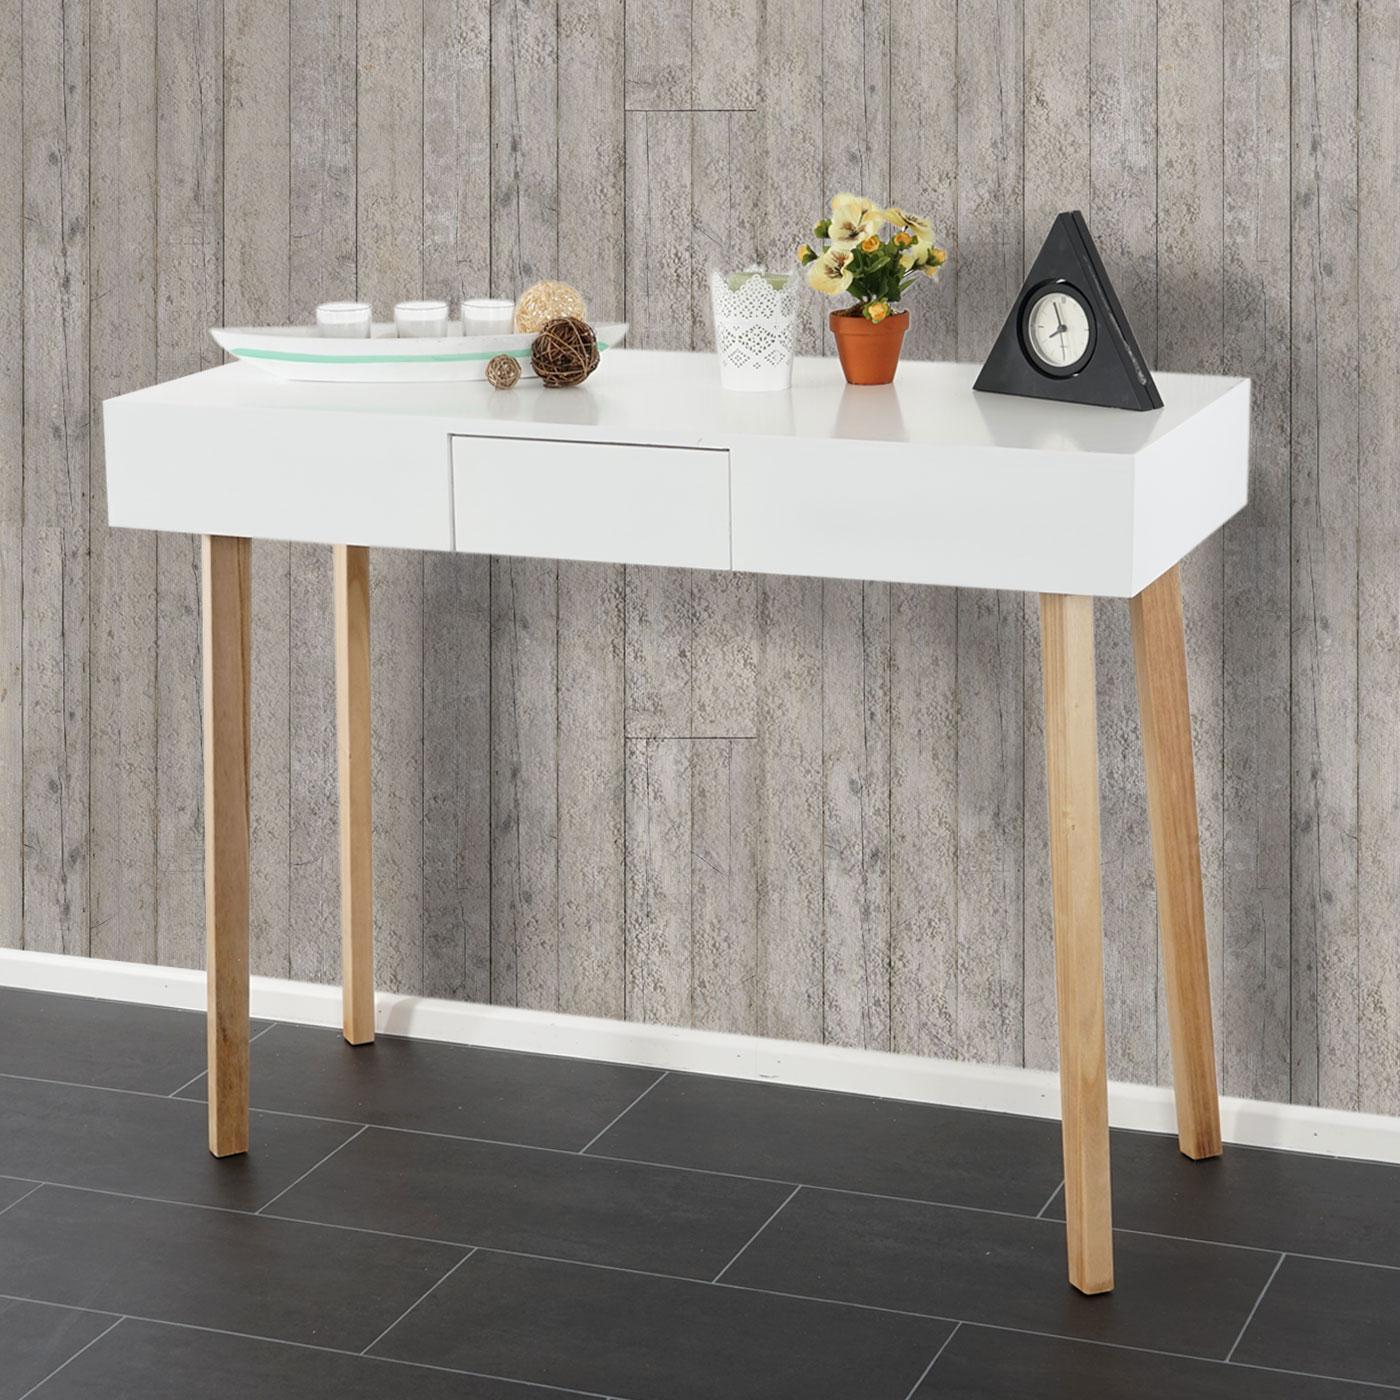 kommode malm t268 beistelltisch schrank retro design 83x105x45cm schublade wei. Black Bedroom Furniture Sets. Home Design Ideas